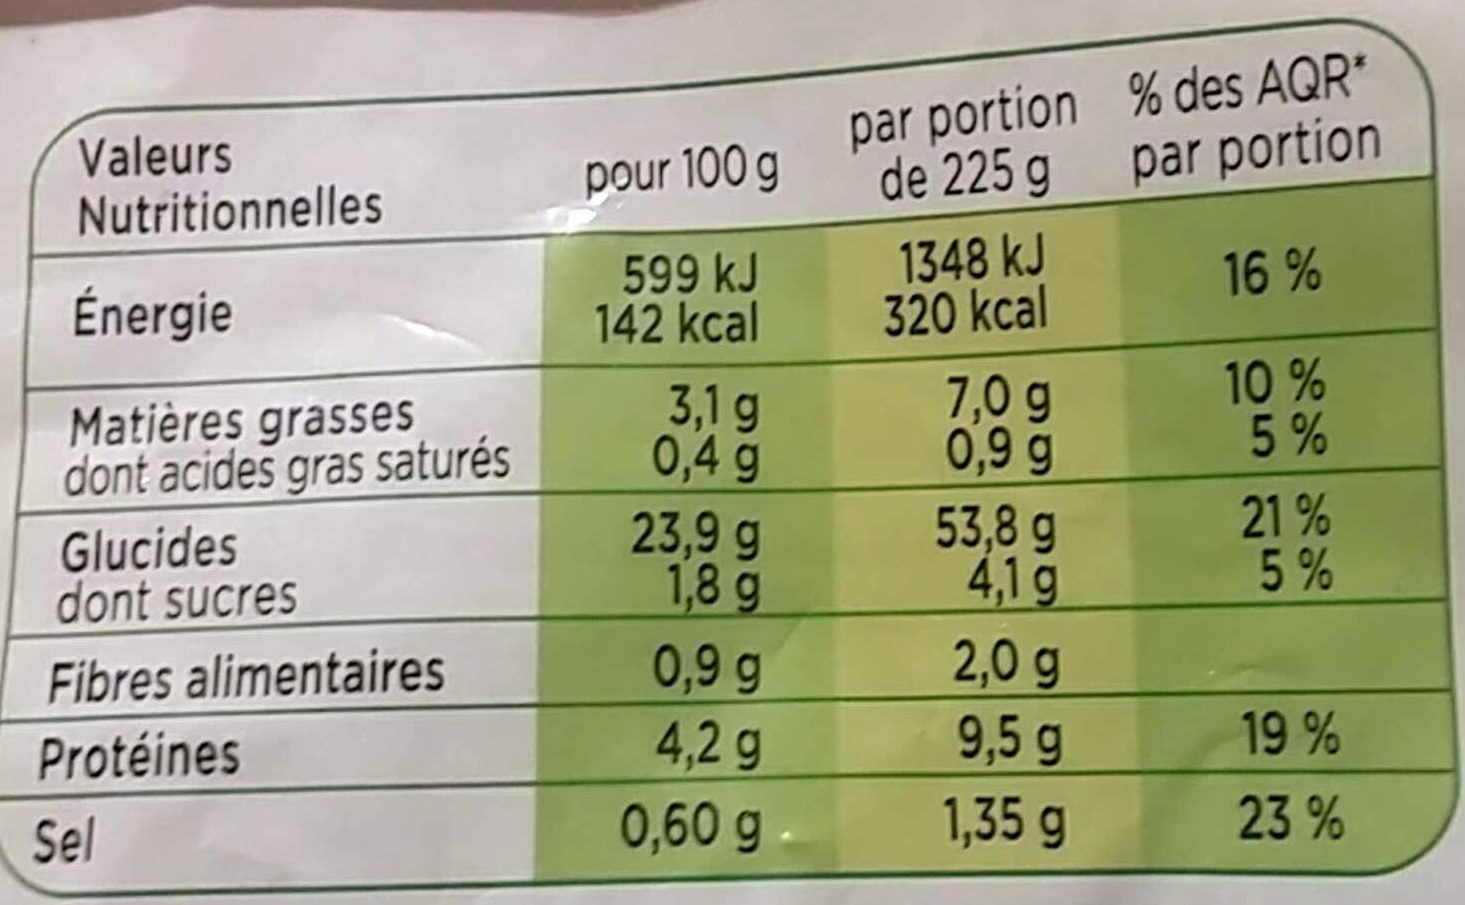 Riz à la cantonaise, Omelette et Jambon supérieur (900g) - Informations nutritionnelles